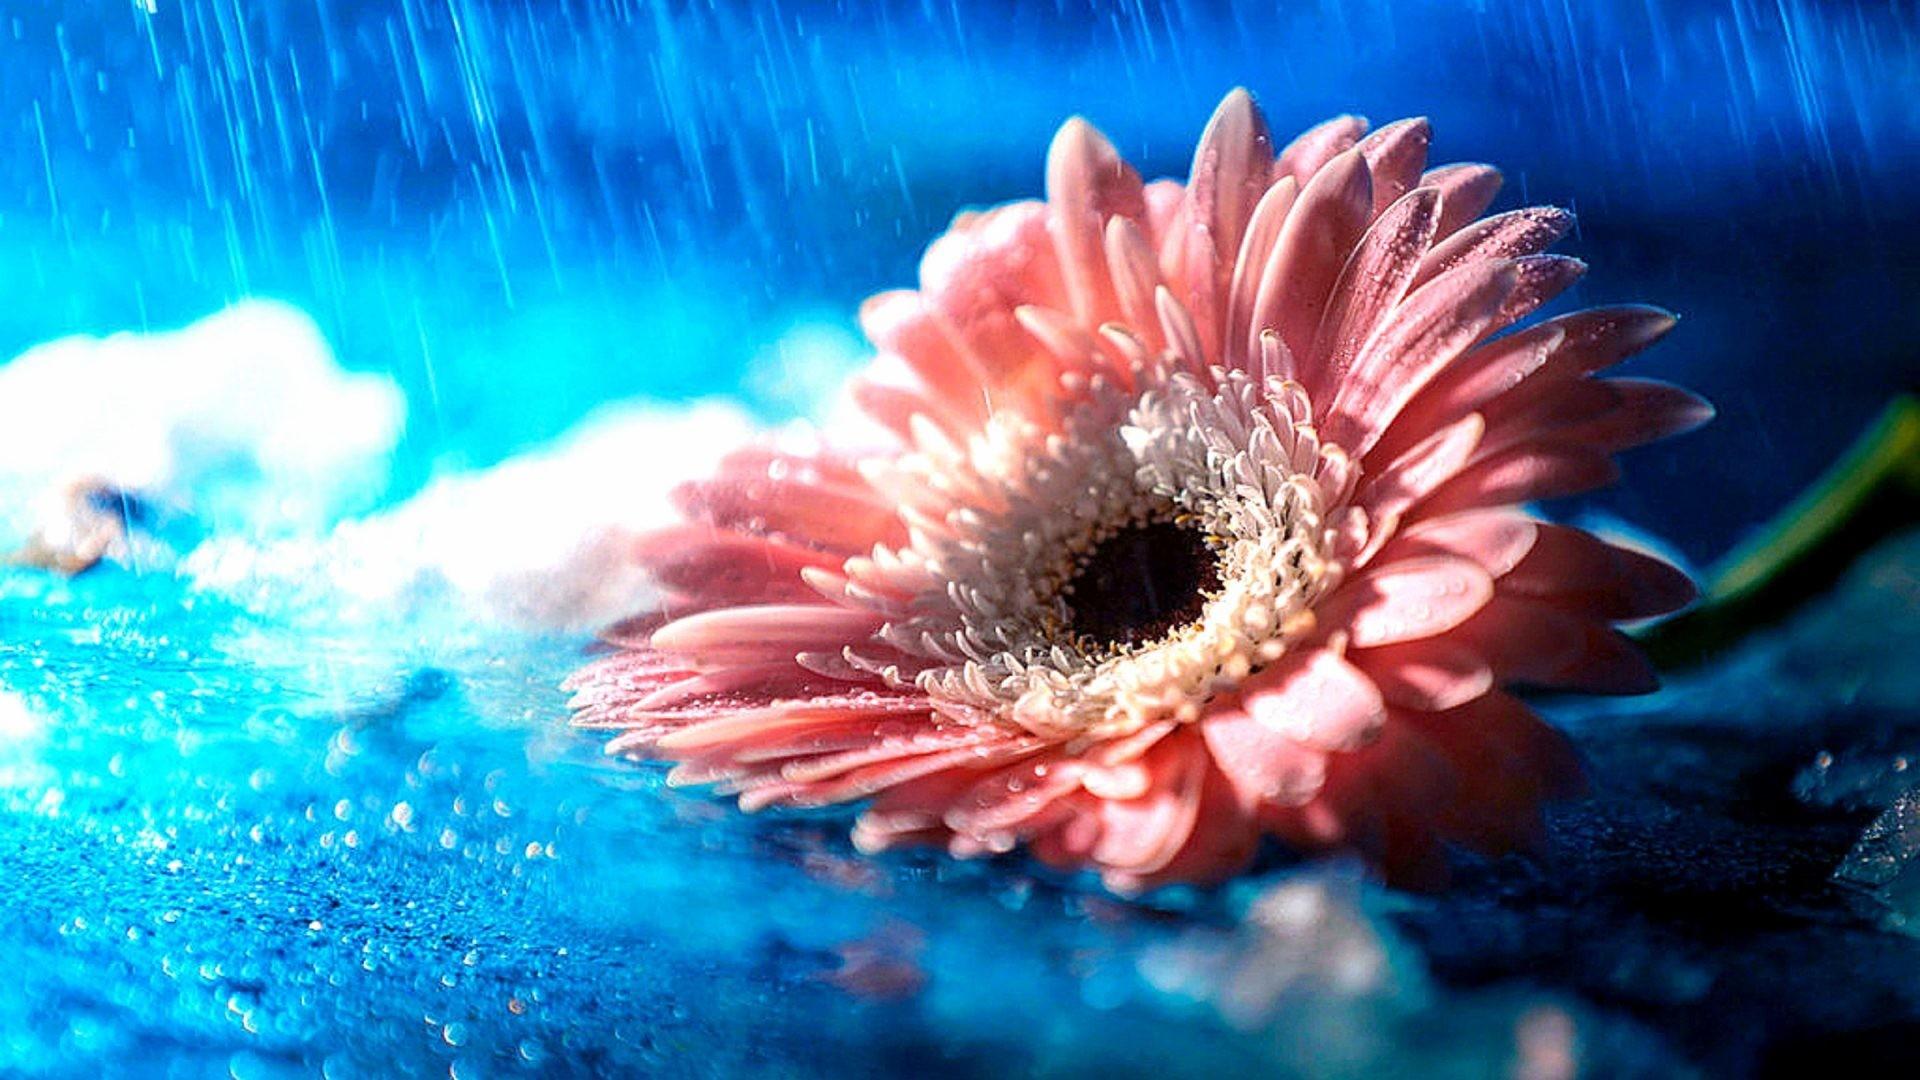 Arrangements Tag – Season Colors Four Arrangements Pre Flower Pretty Rain  Rainy Flowers Attractions Lovely Dreams